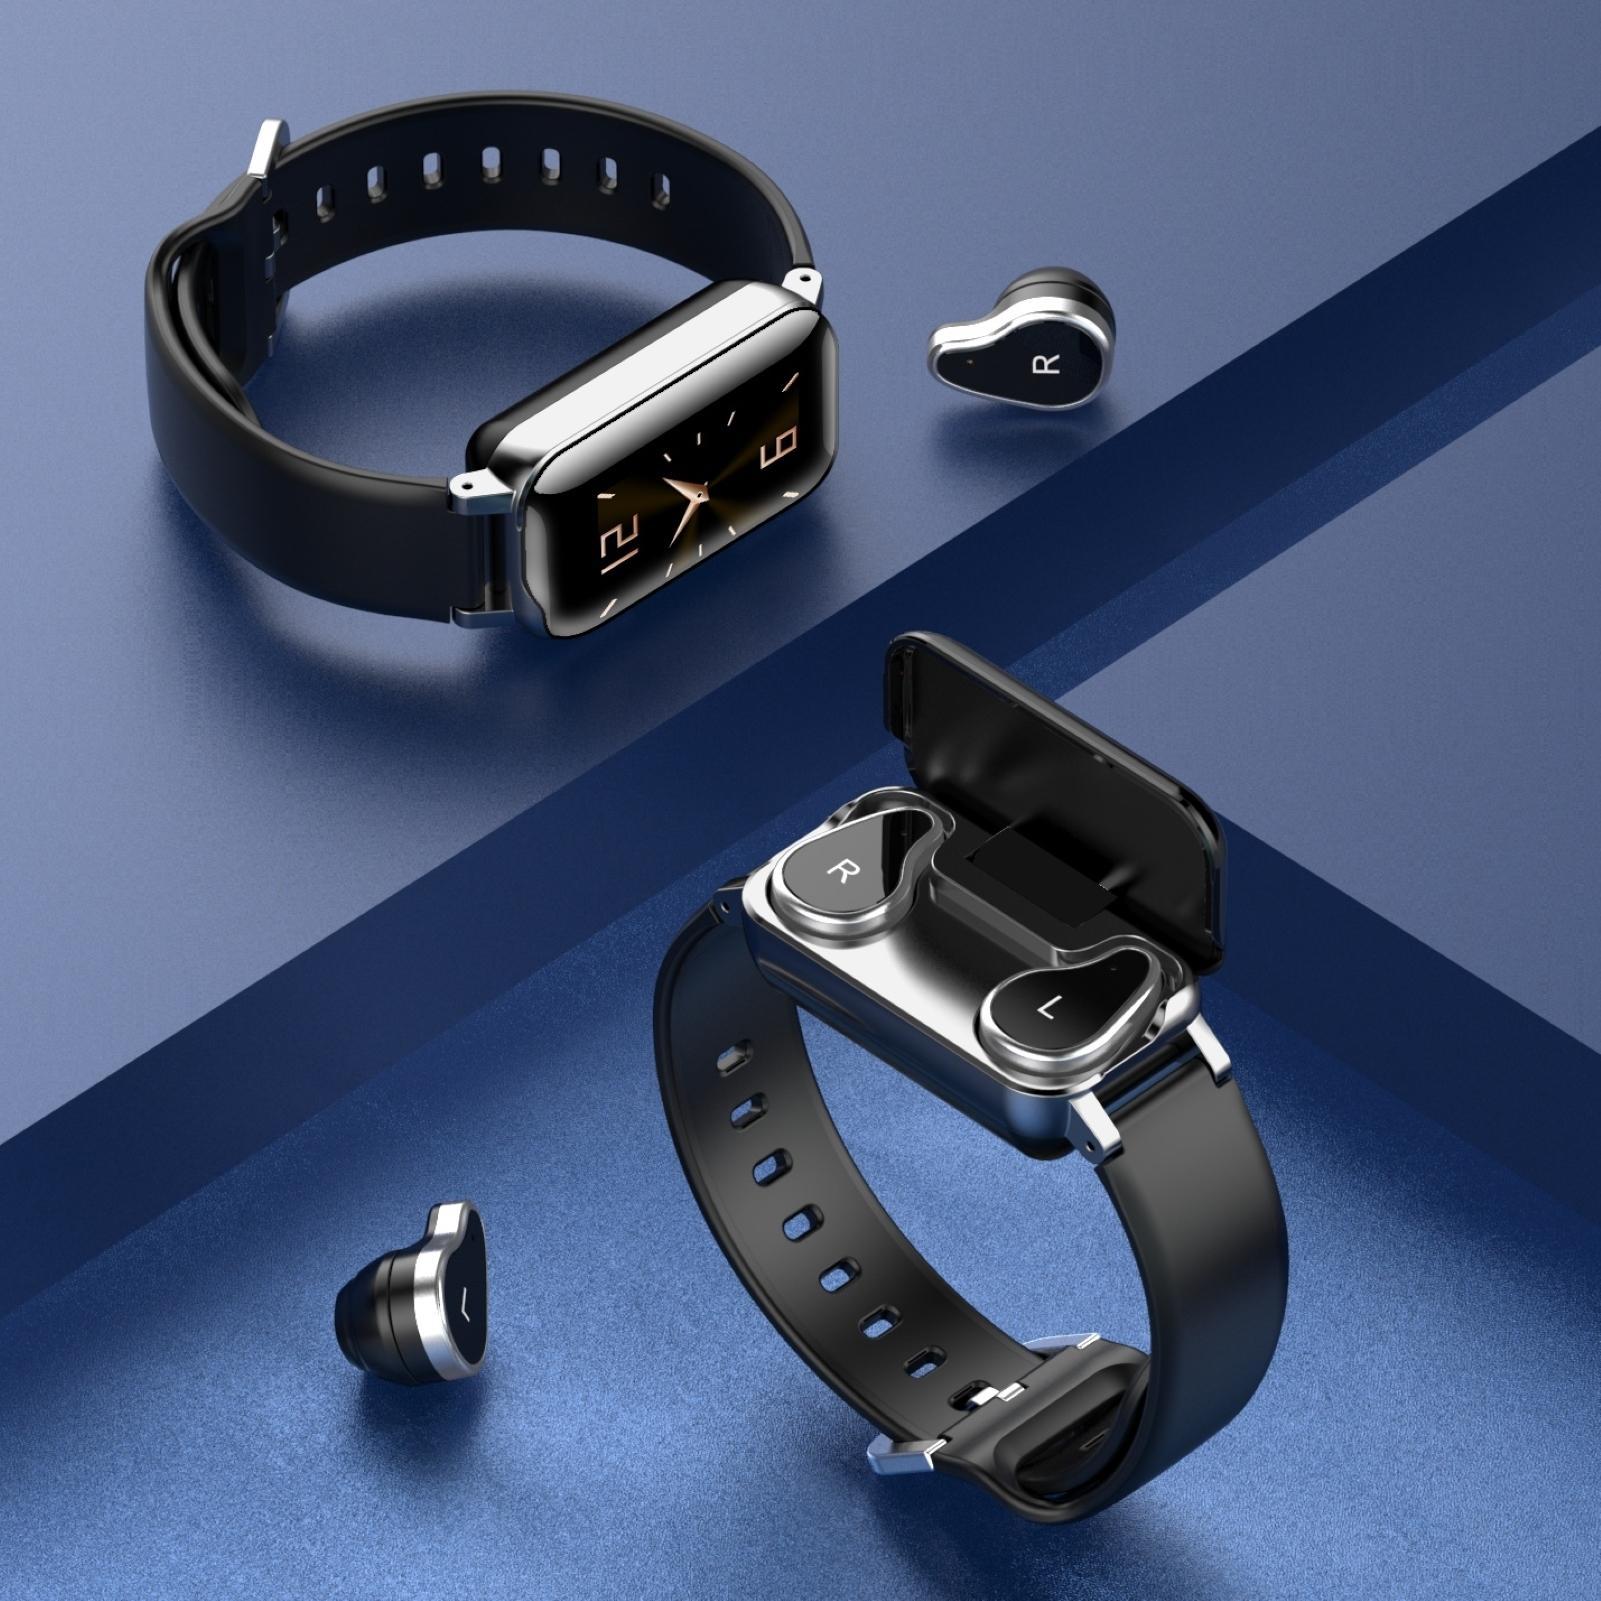 Беспроводные наушники, наушники, умные часы с сенсорным управлением, Bluetooth-гарнитура, спортивный фитнес-браслет, многофункциональные наушн...